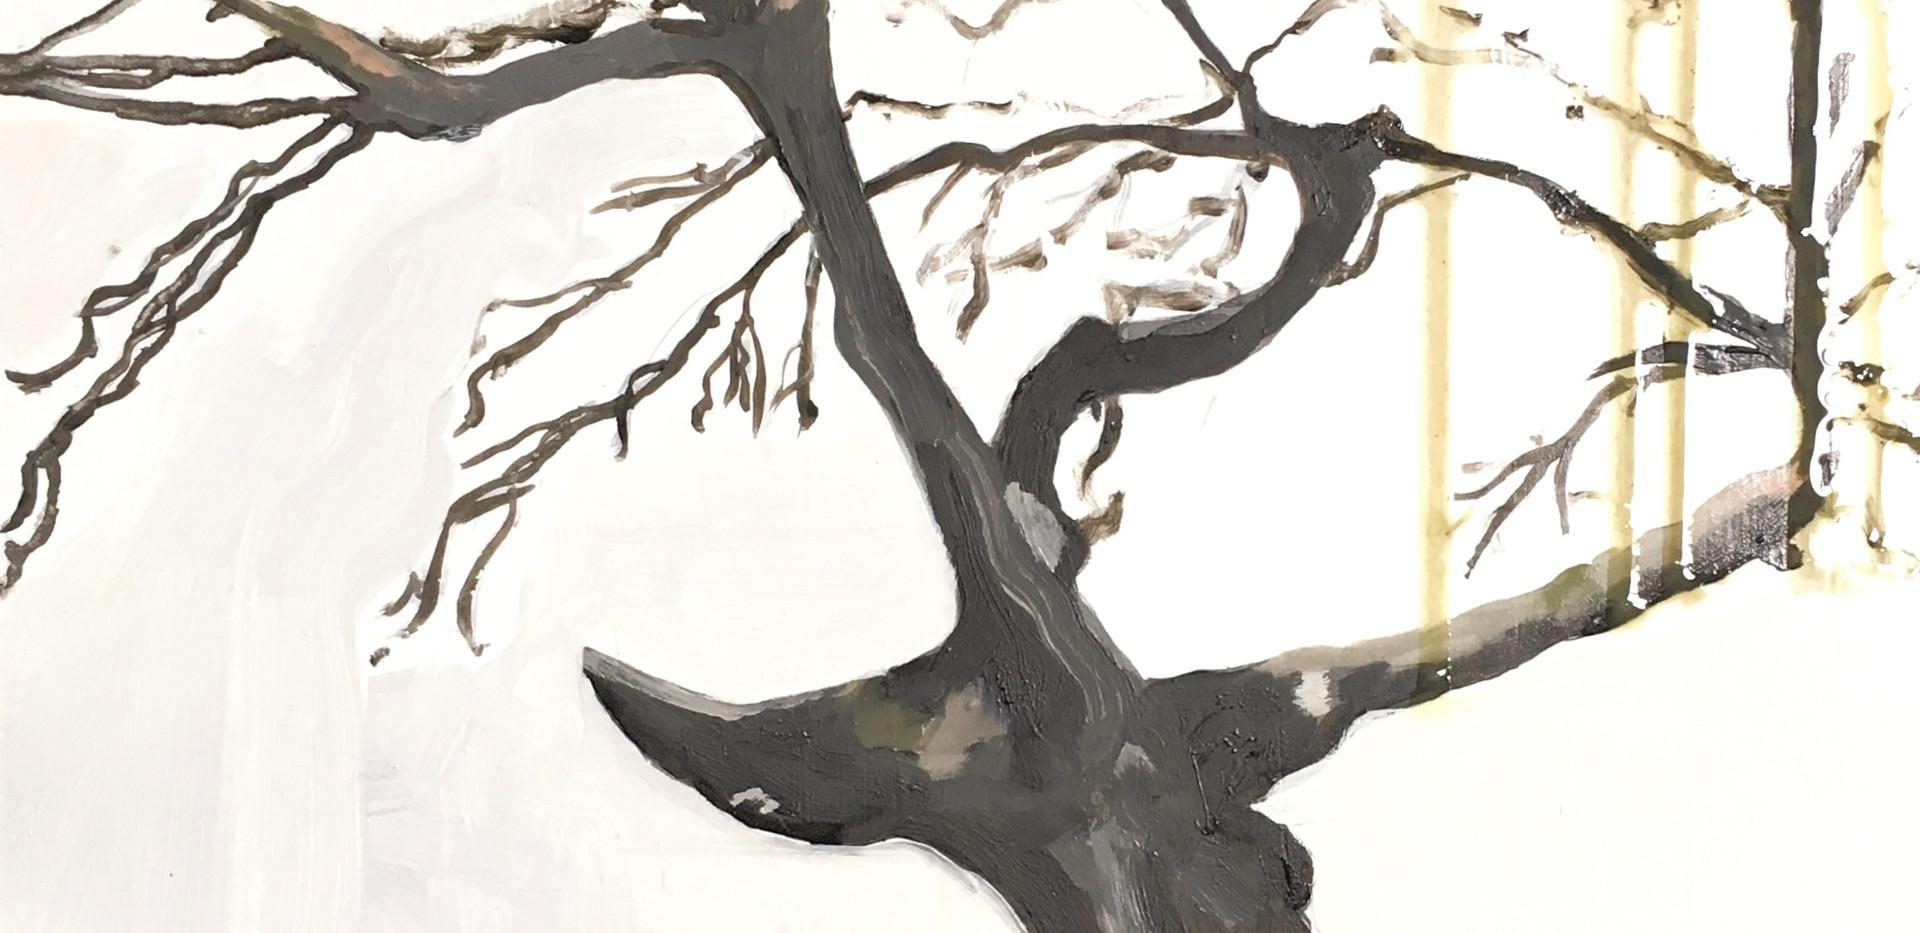 Raven Tree Sings Skyward